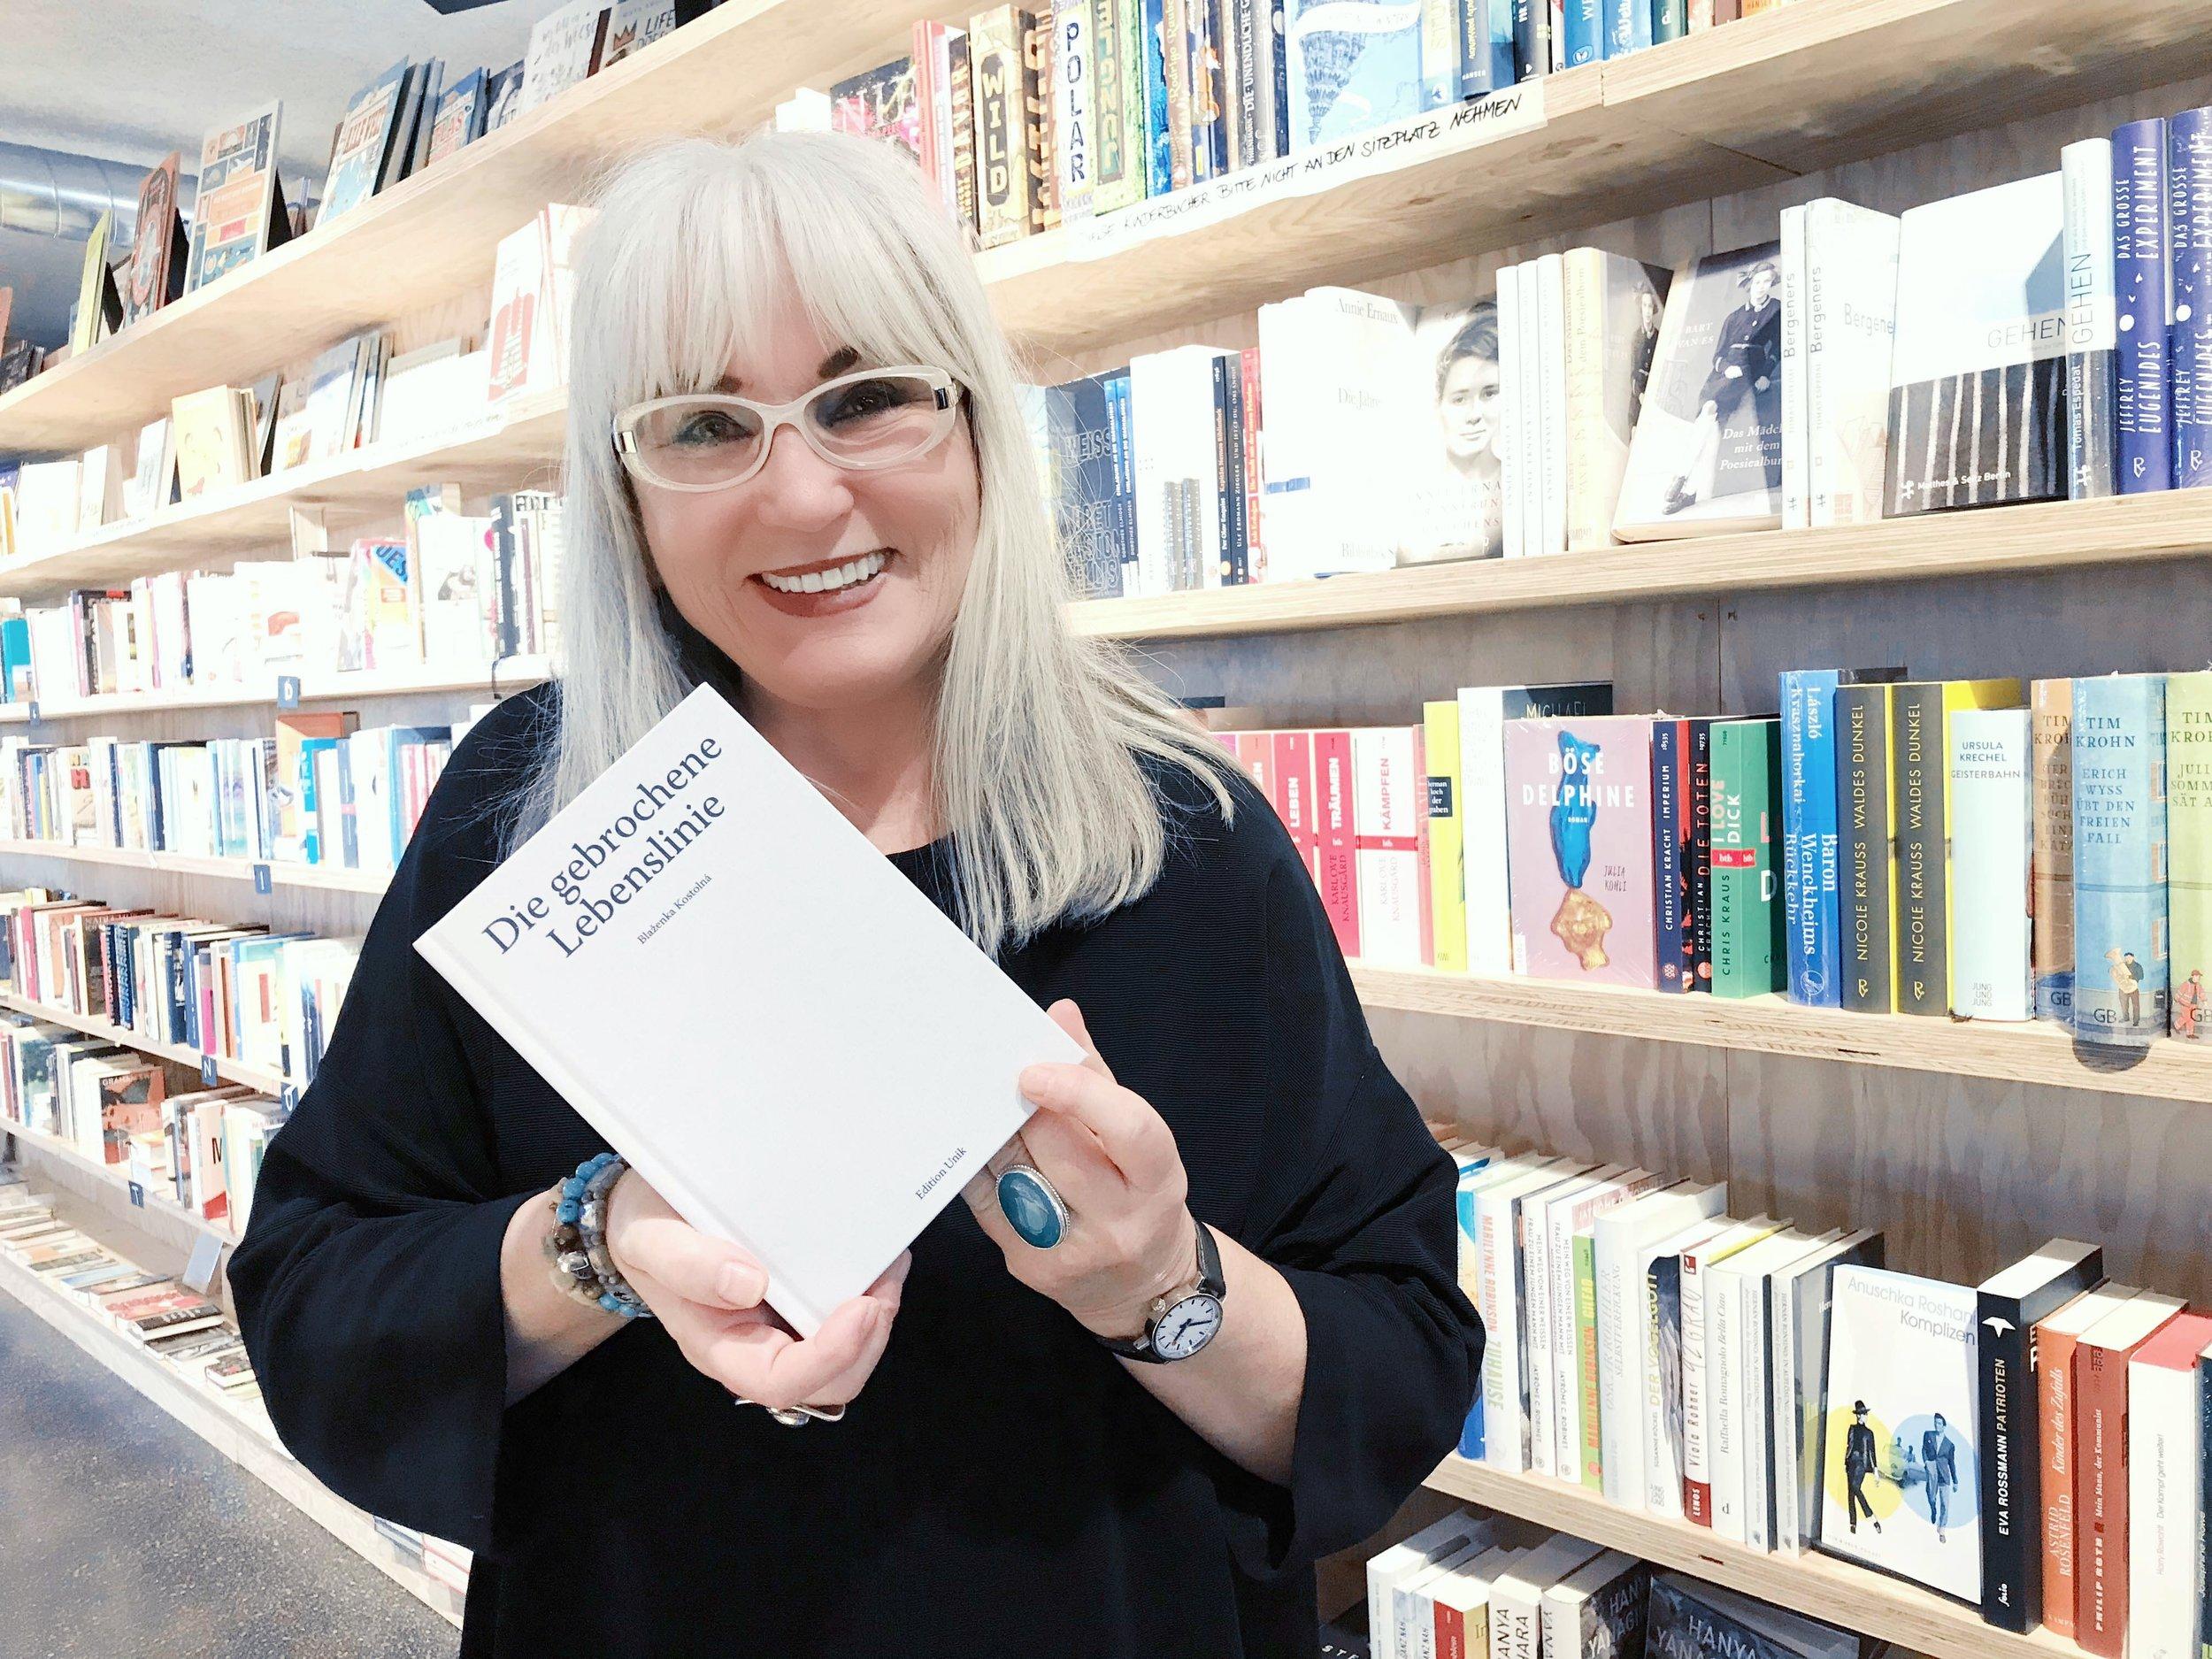 Die Autorin an der Abschlussveranstaltung mit ihrem ganz persönlichen Buch. (Foto: zvg.)